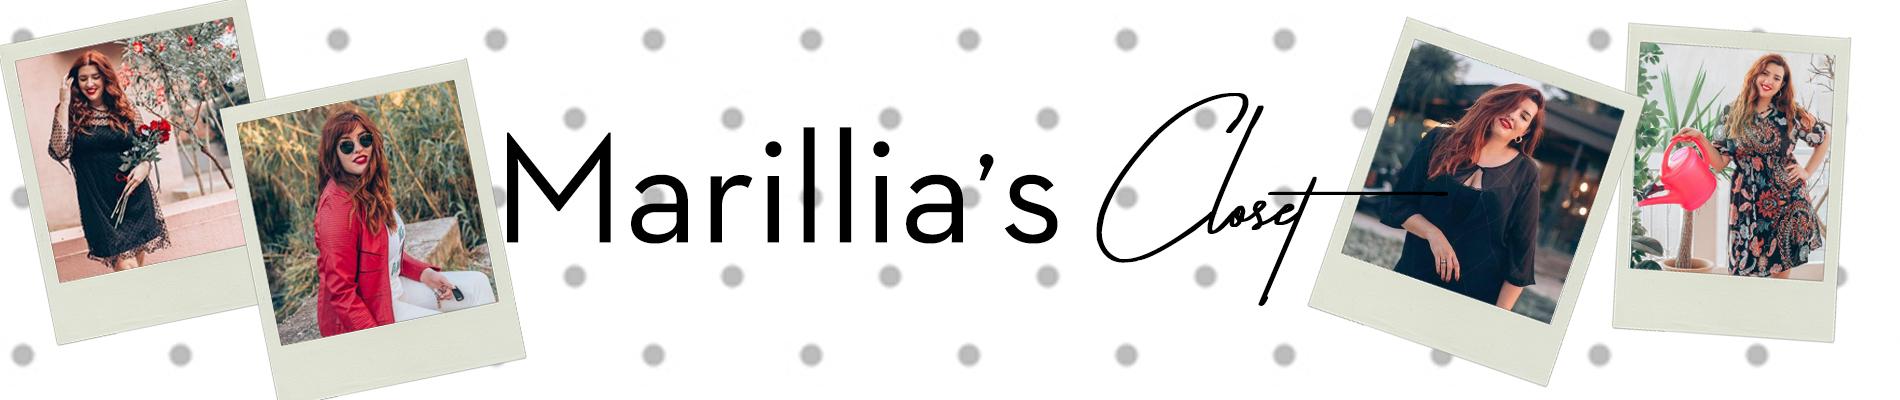 Marillia's closet